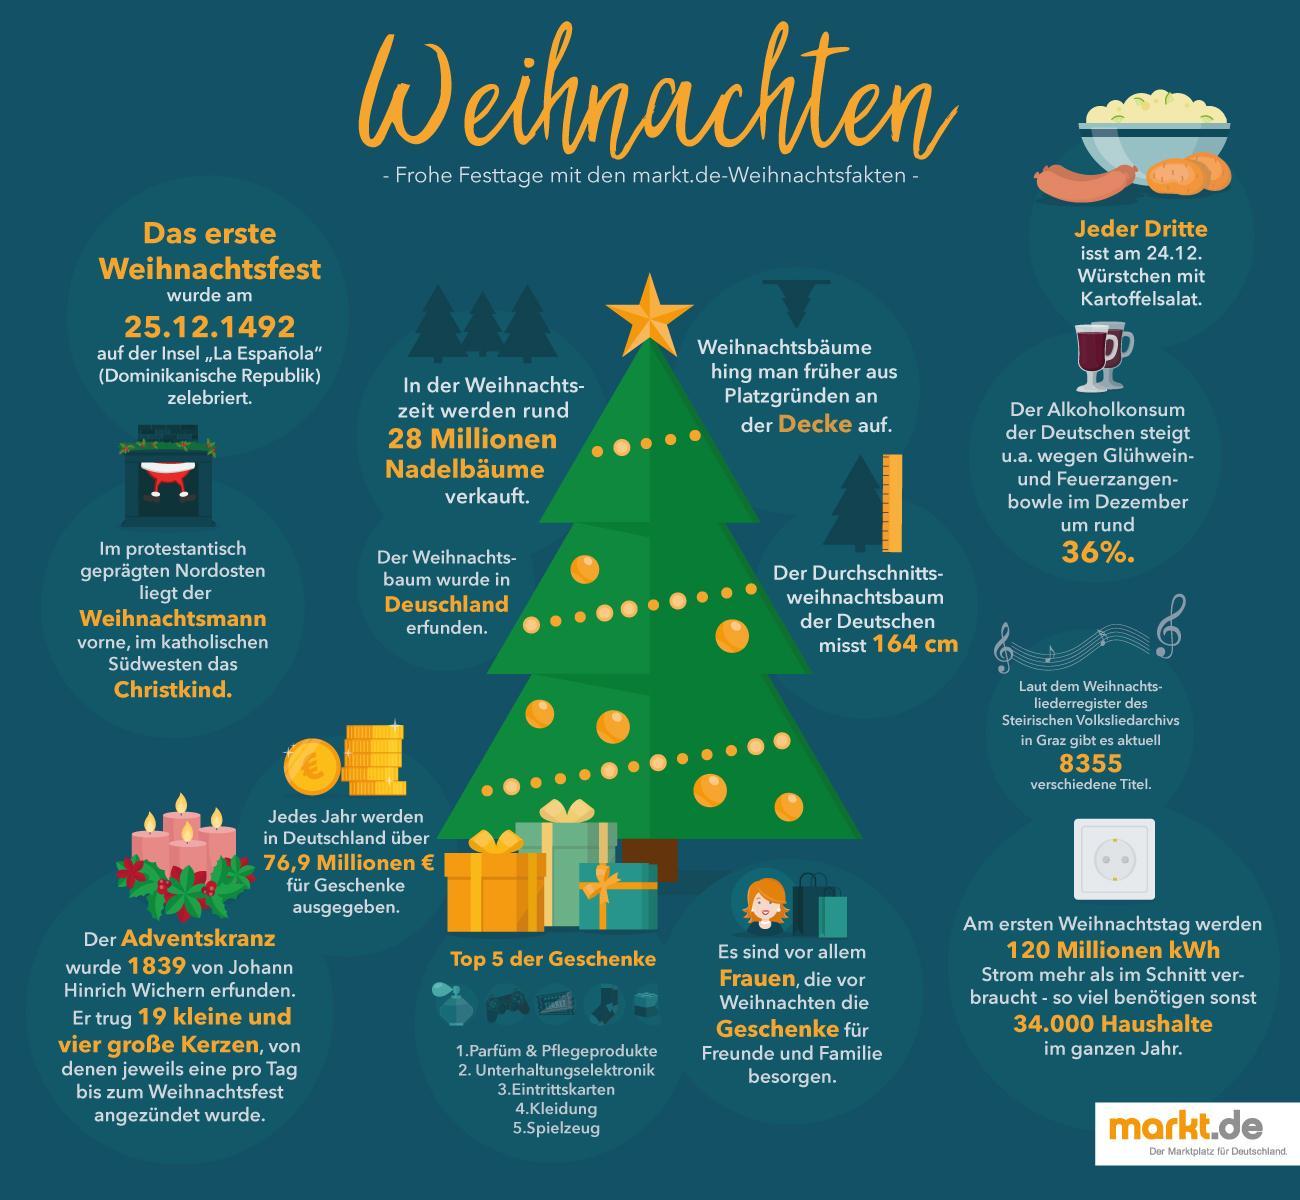 Der Weihnachtsbaum – wertvolle Tipps und Infos | markt.de